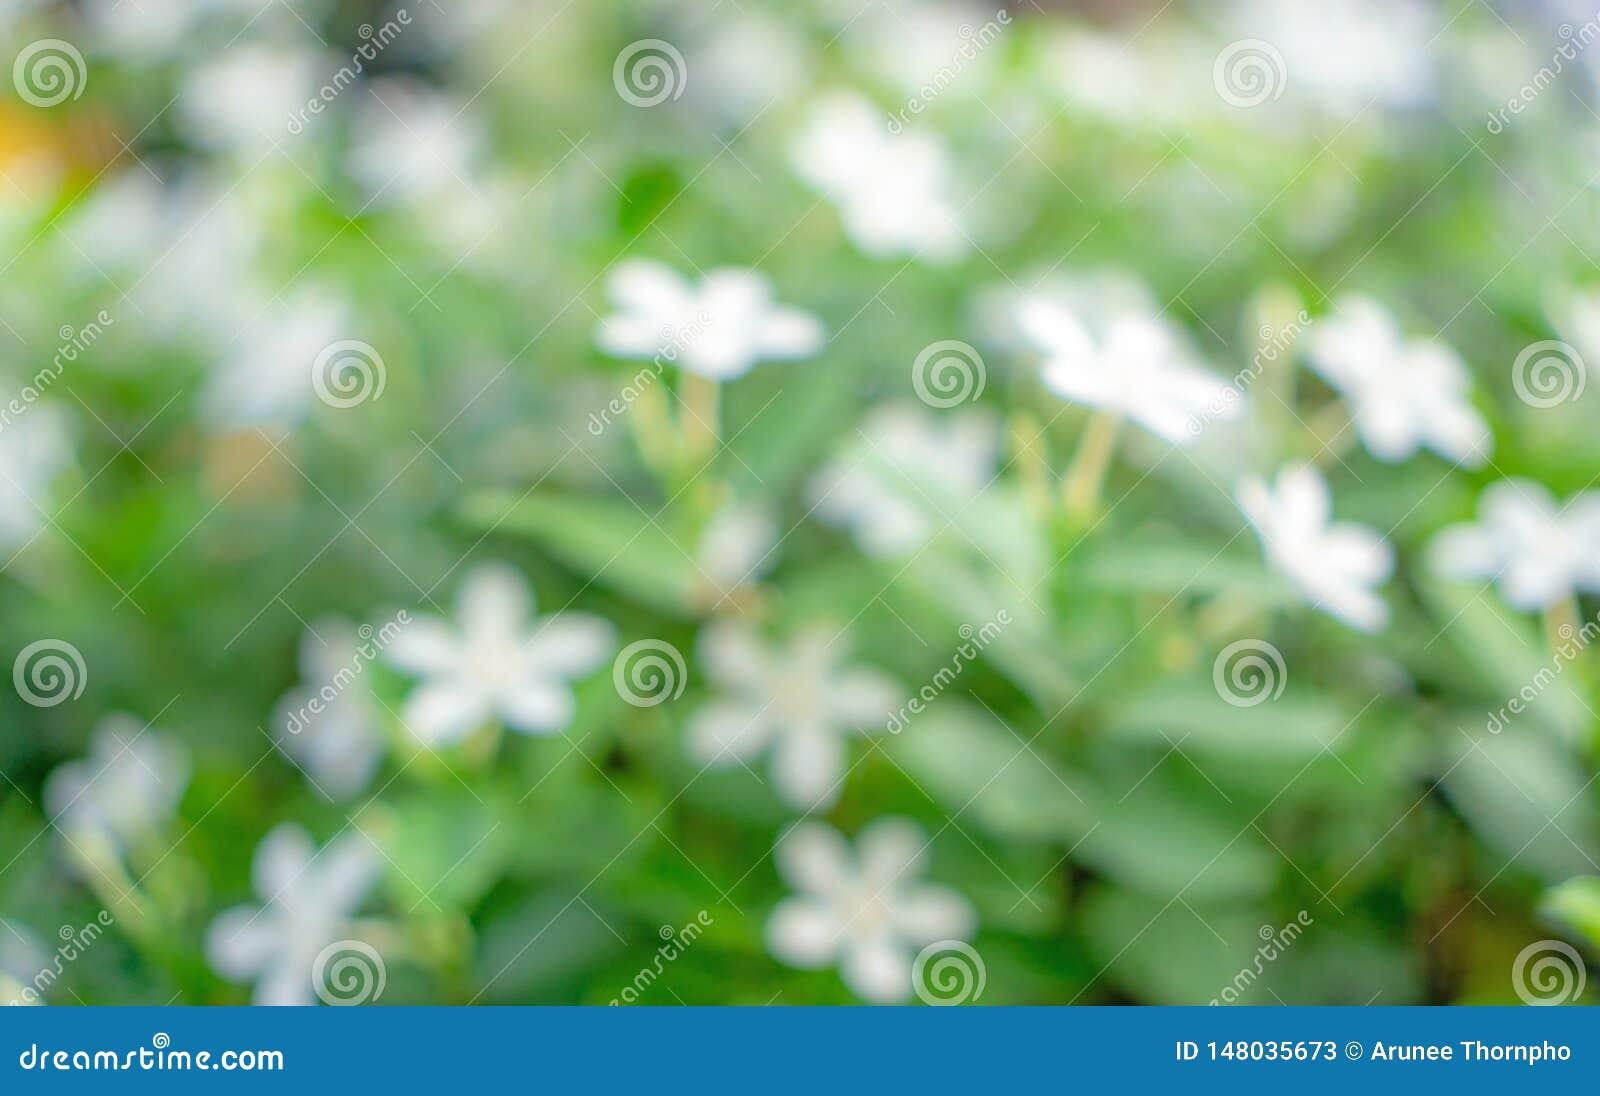 从绿叶叶子自然,开花在绿色叶子被弄脏的背景的新鲜的软的白花bokeh照片的抽象图象